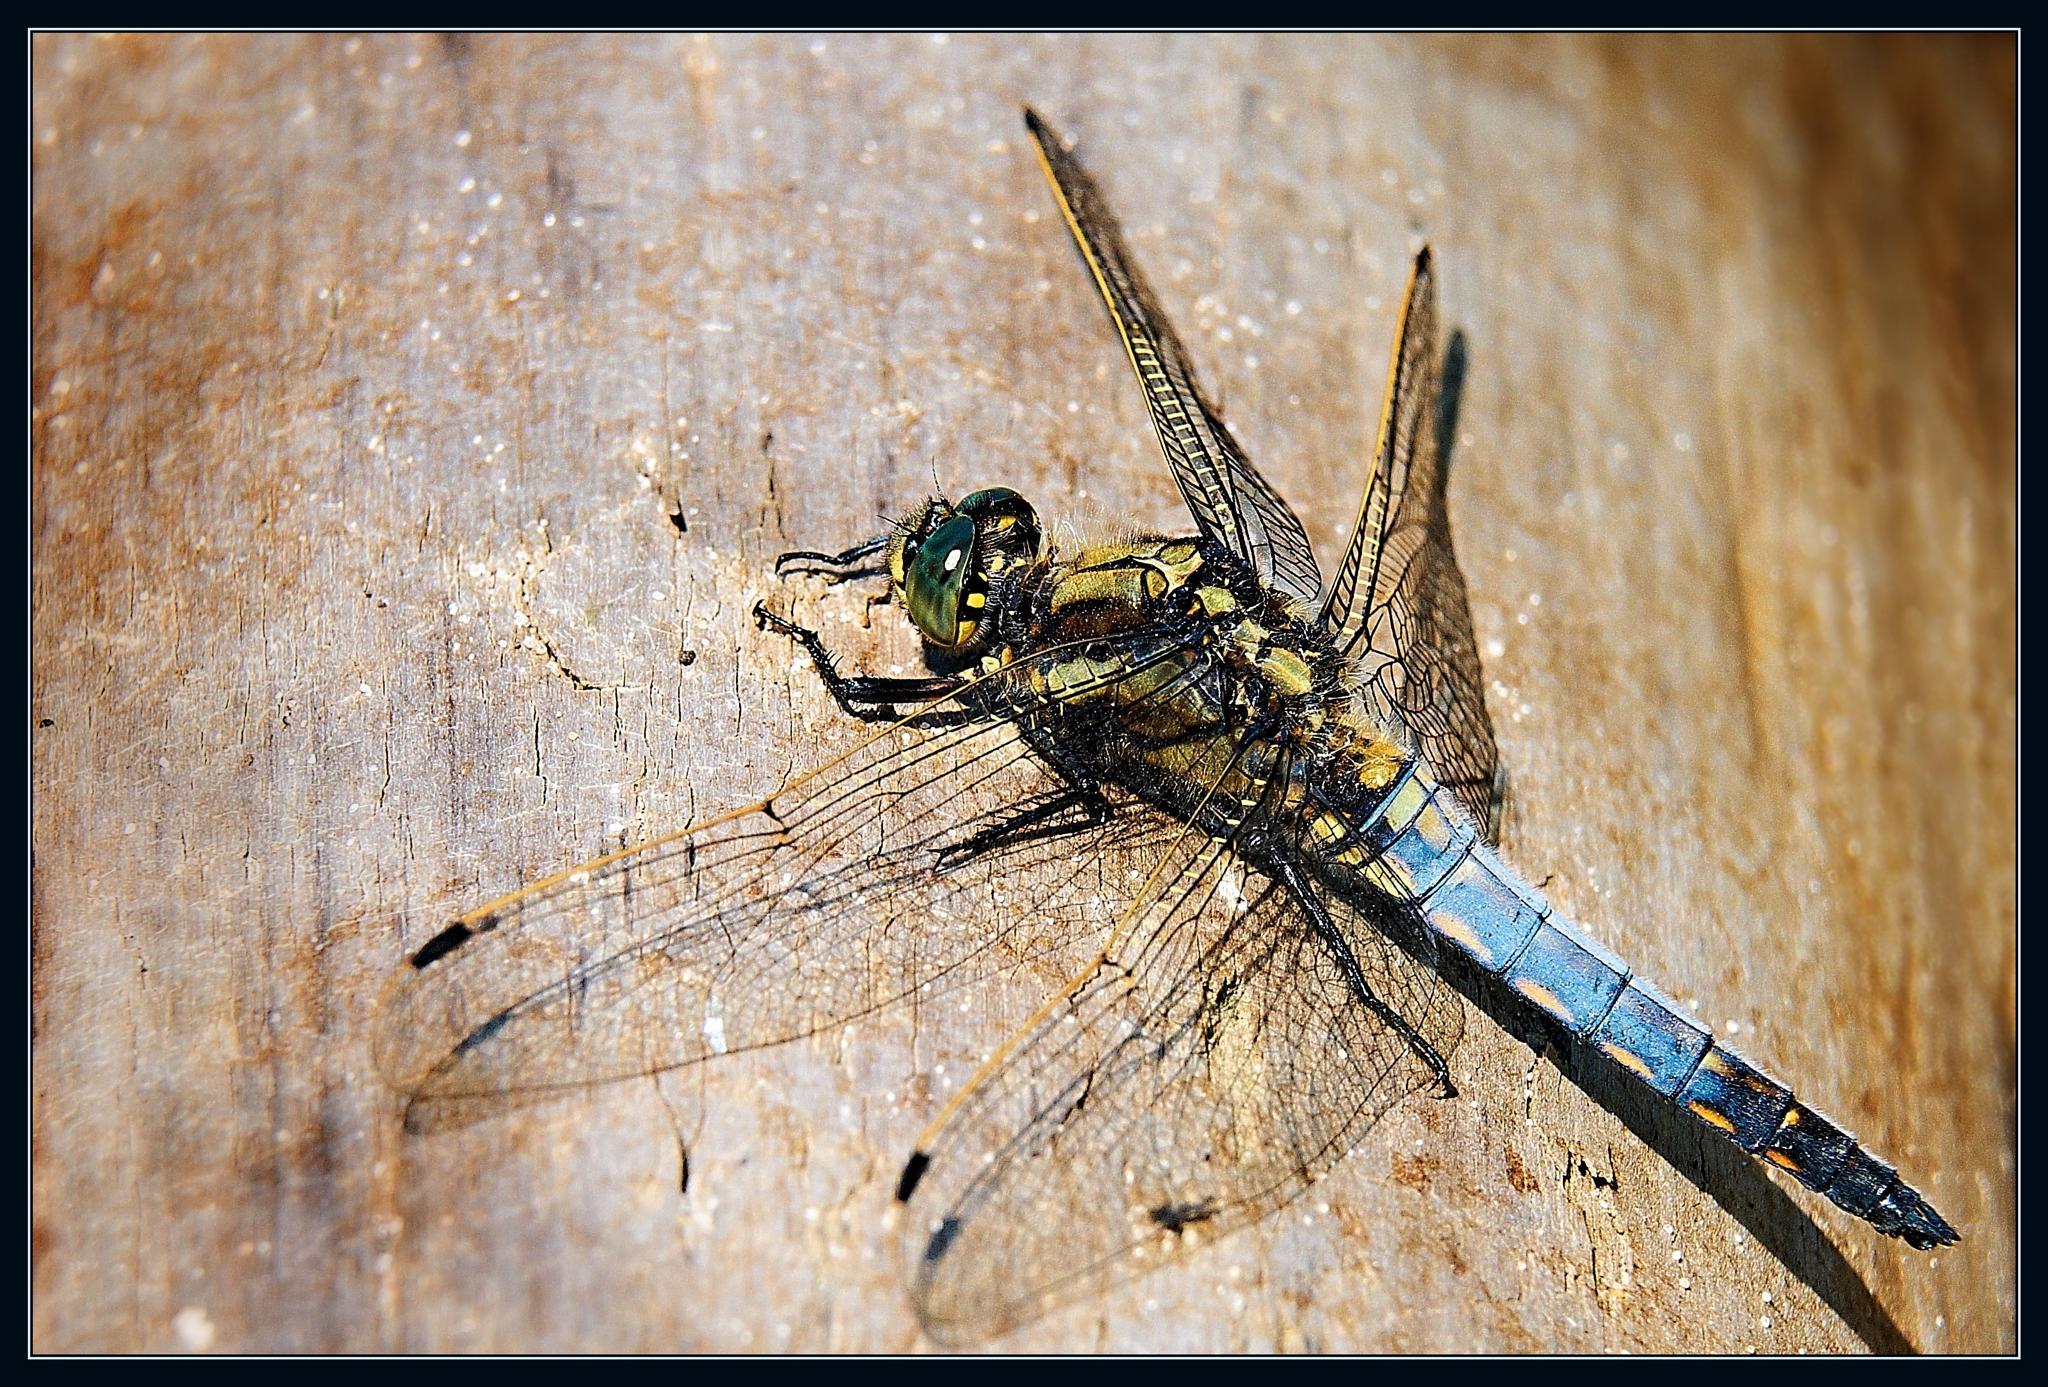 dragonfly by miwwim